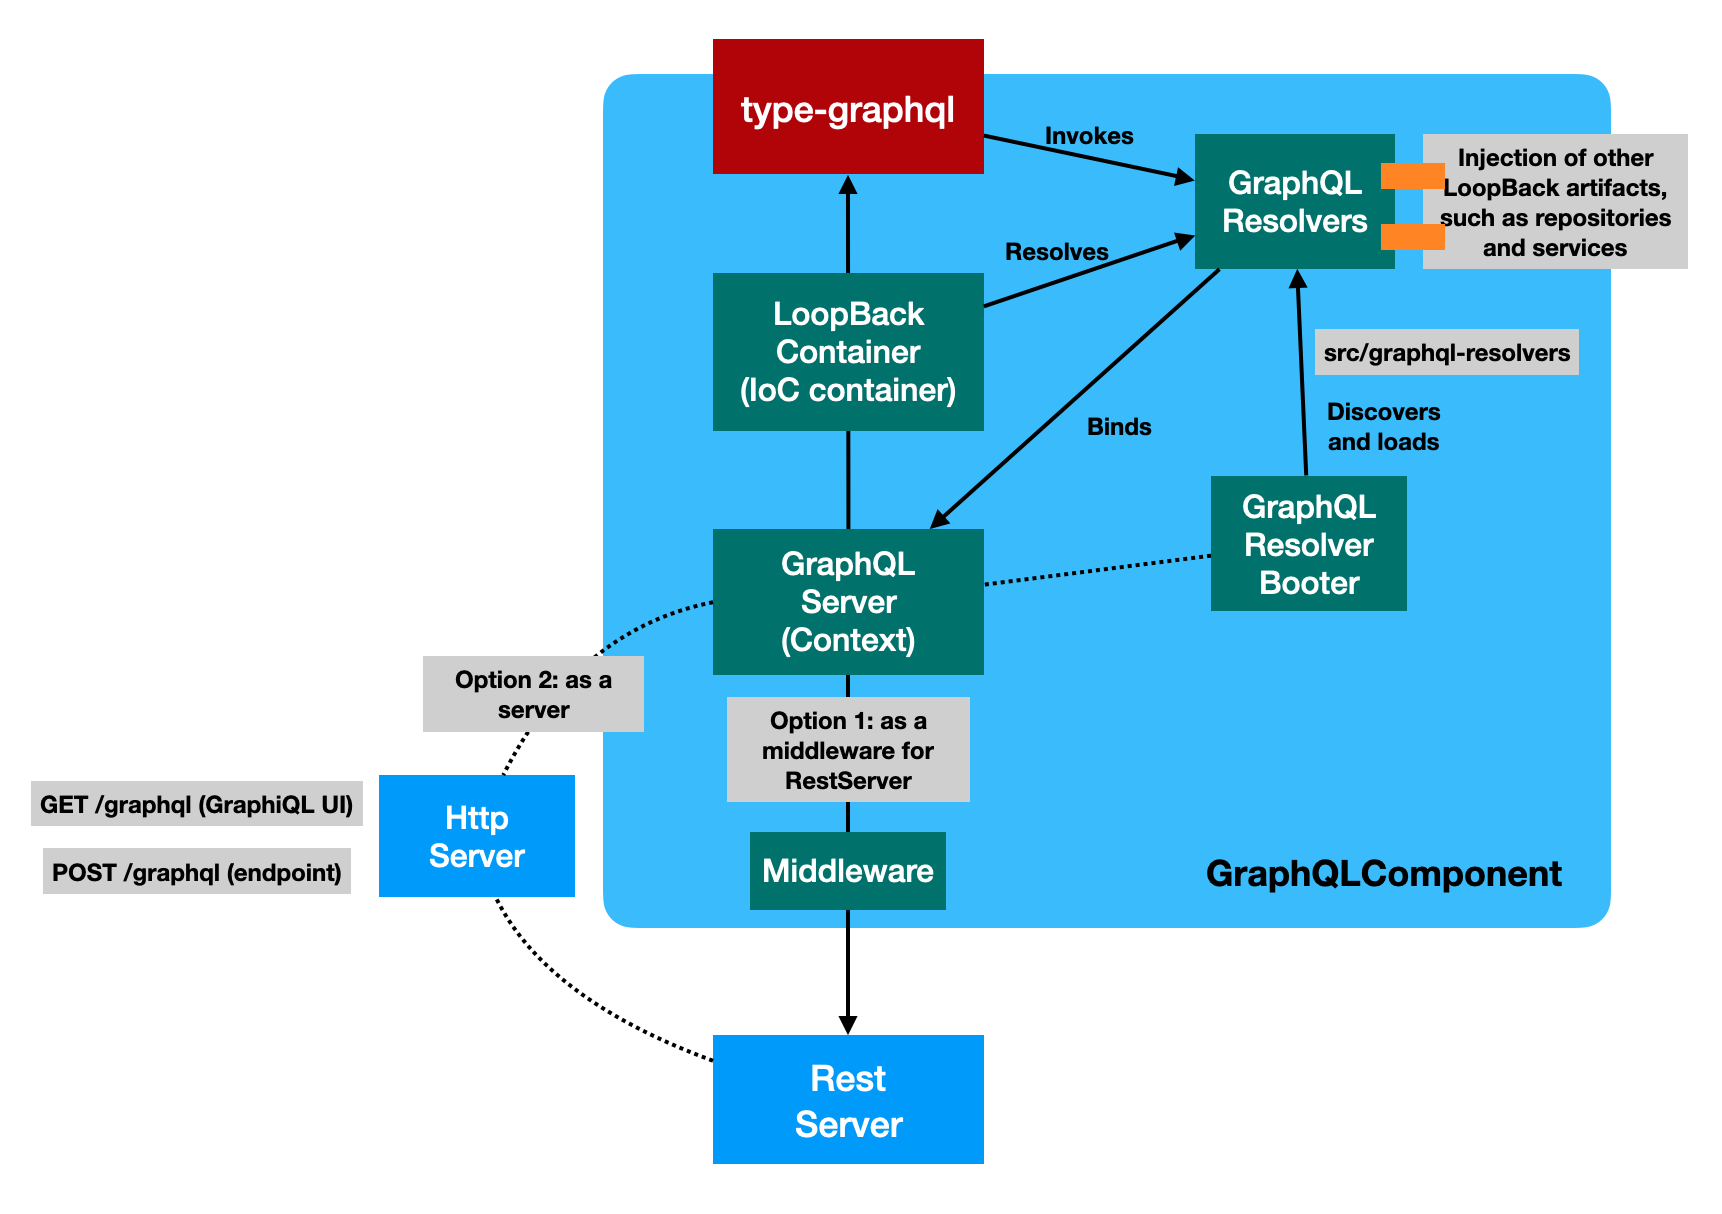 type-graphql